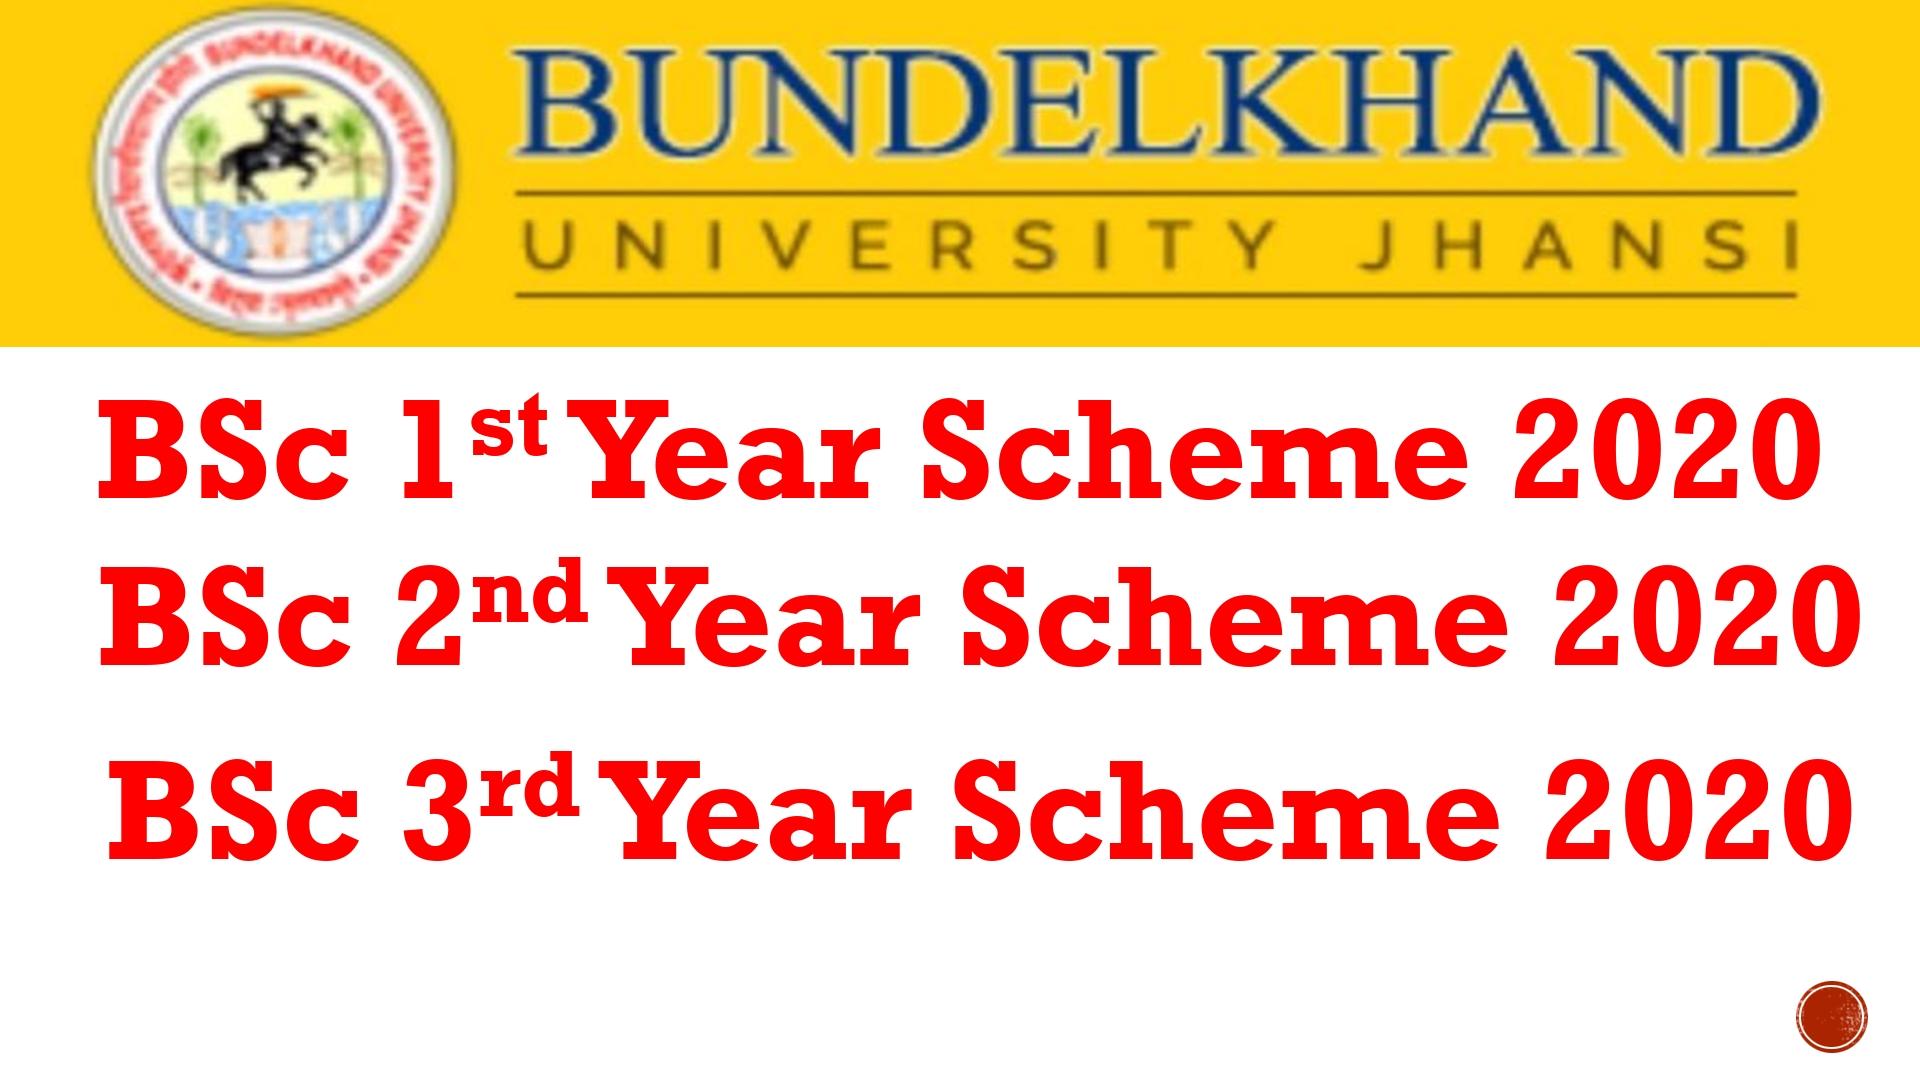 BU Jhansi BSc Scheme